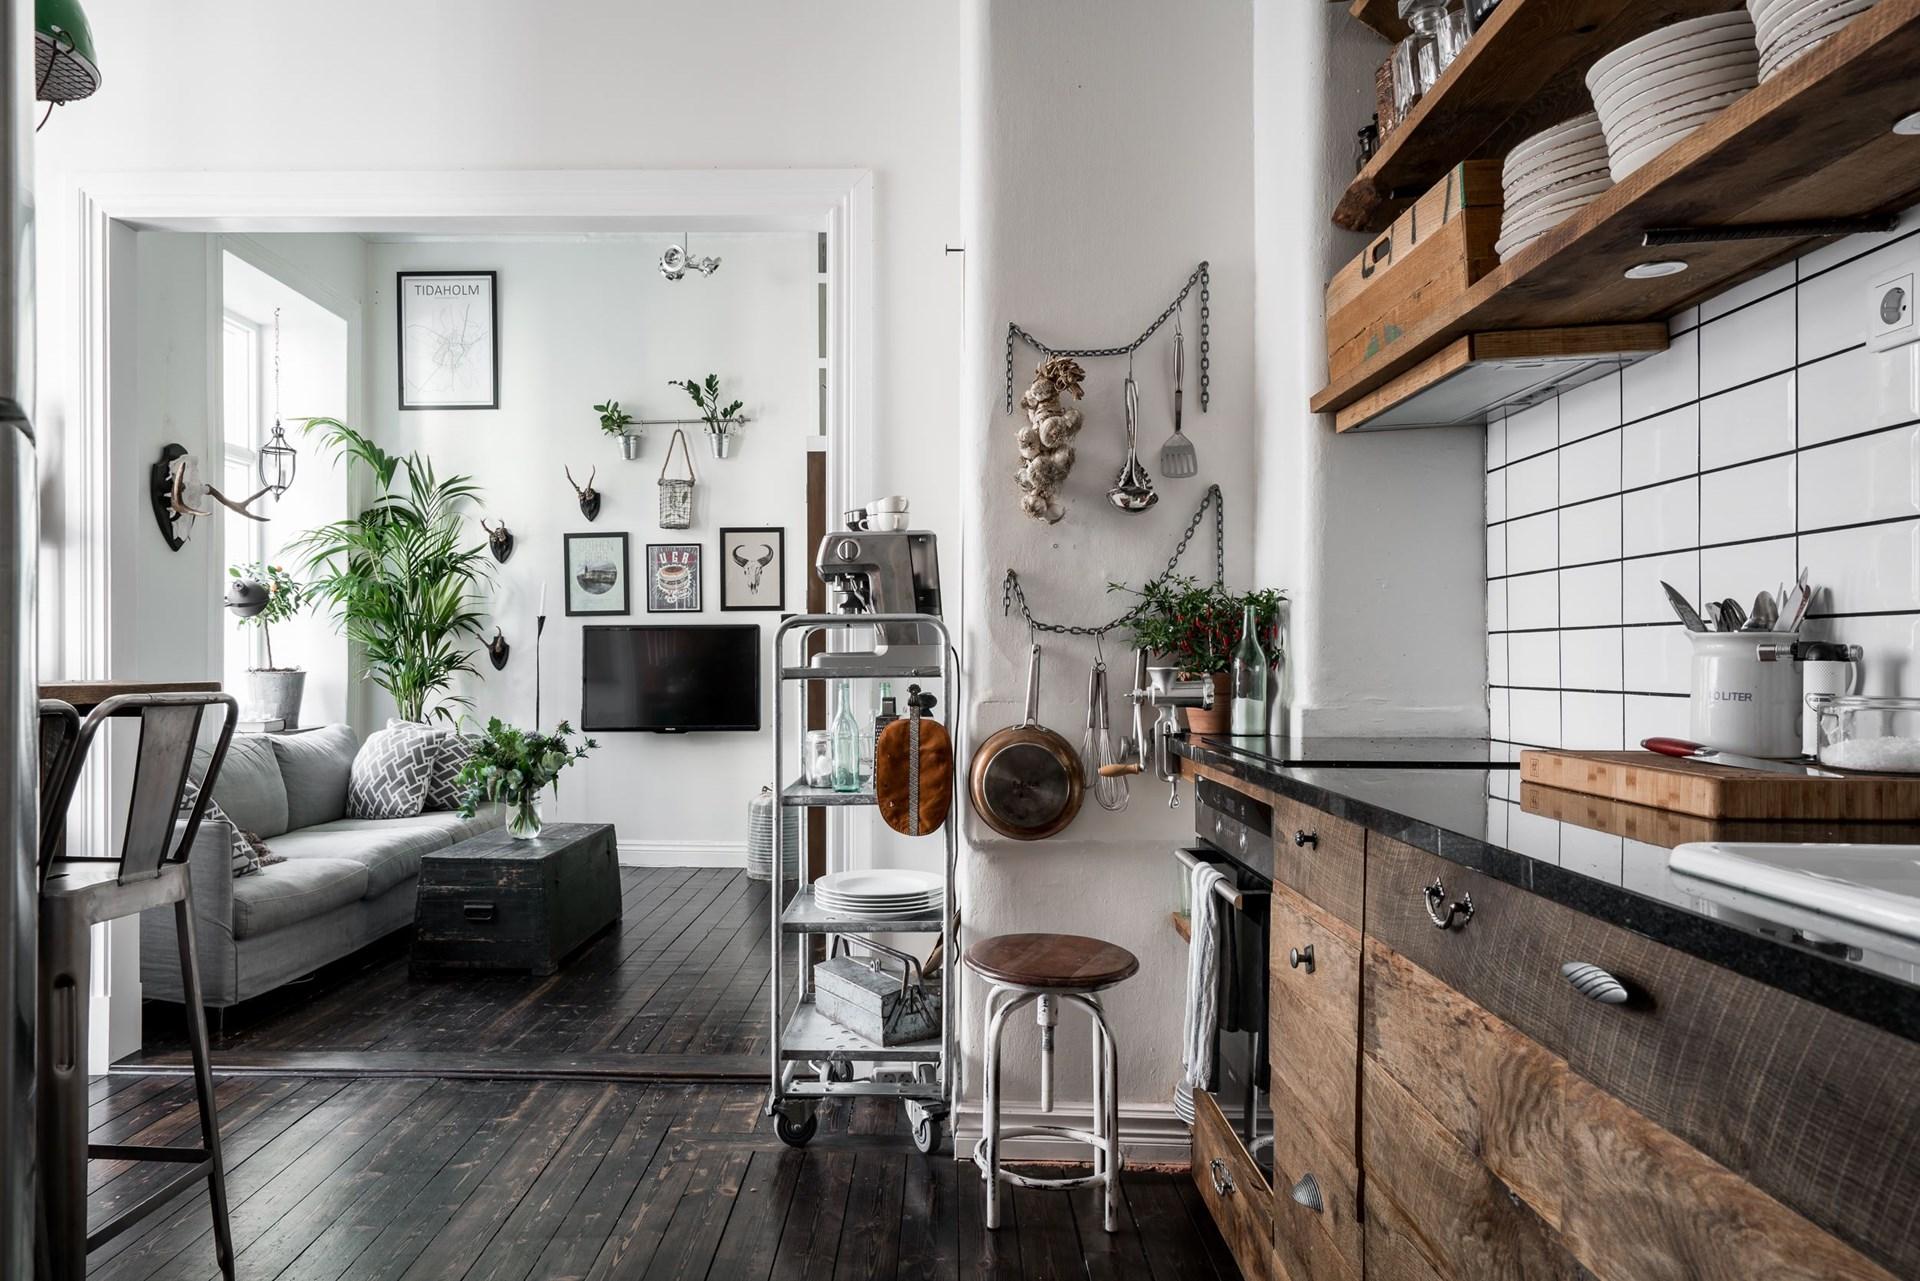 кухня гостиная деревянный темный пол дивпн телевизор